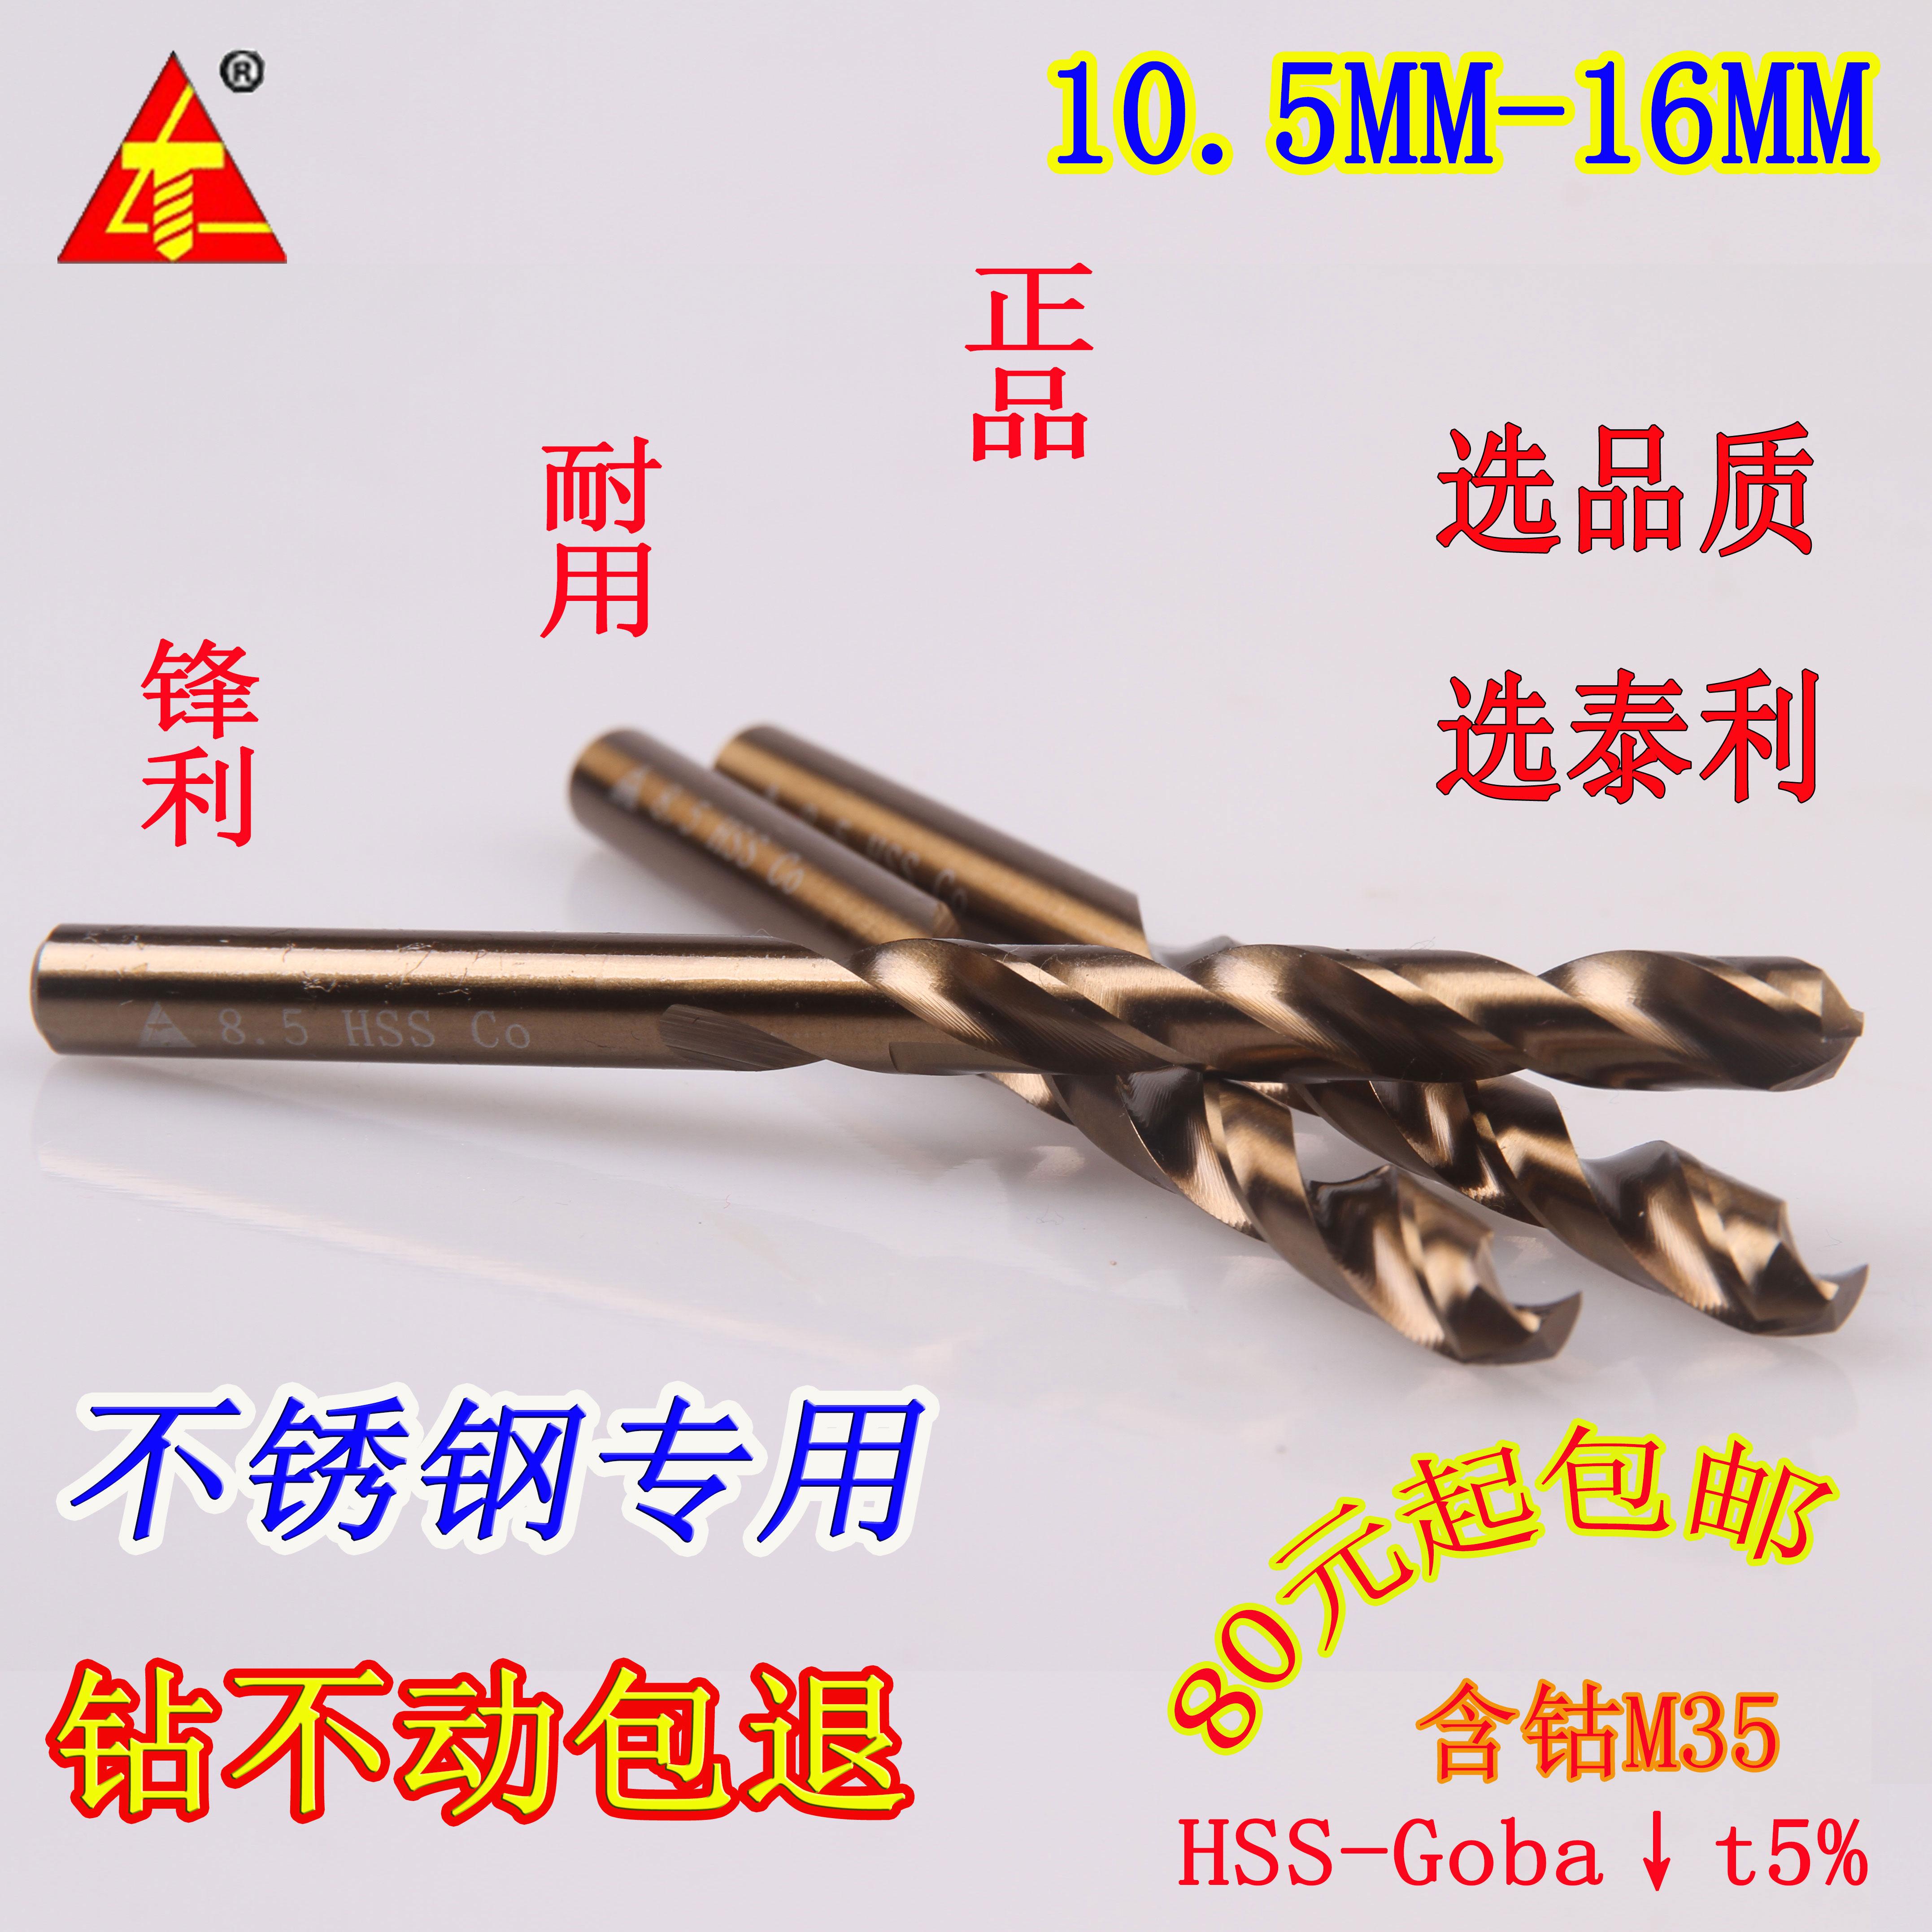 泰利正品含钴不锈钢钻头含钴钻头 金属钢板 麻花钻头 10.5MM-16MM